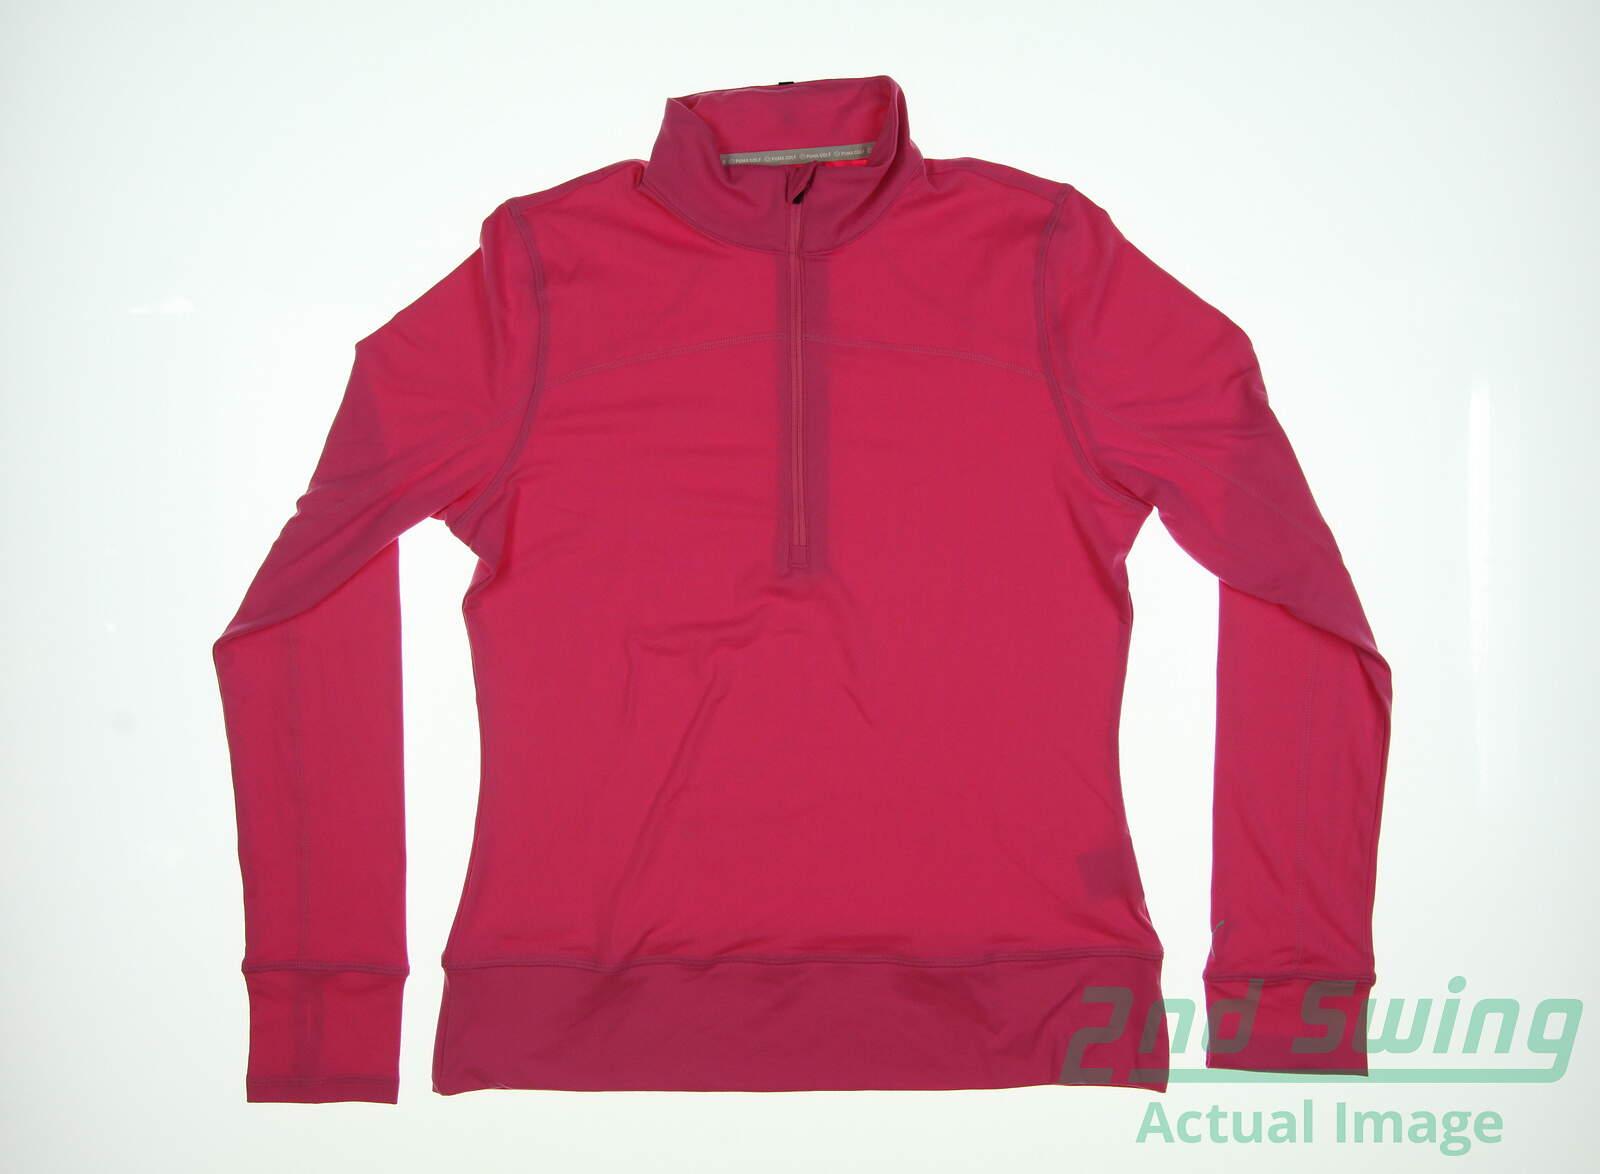 puma women's 1/2 zip pullover